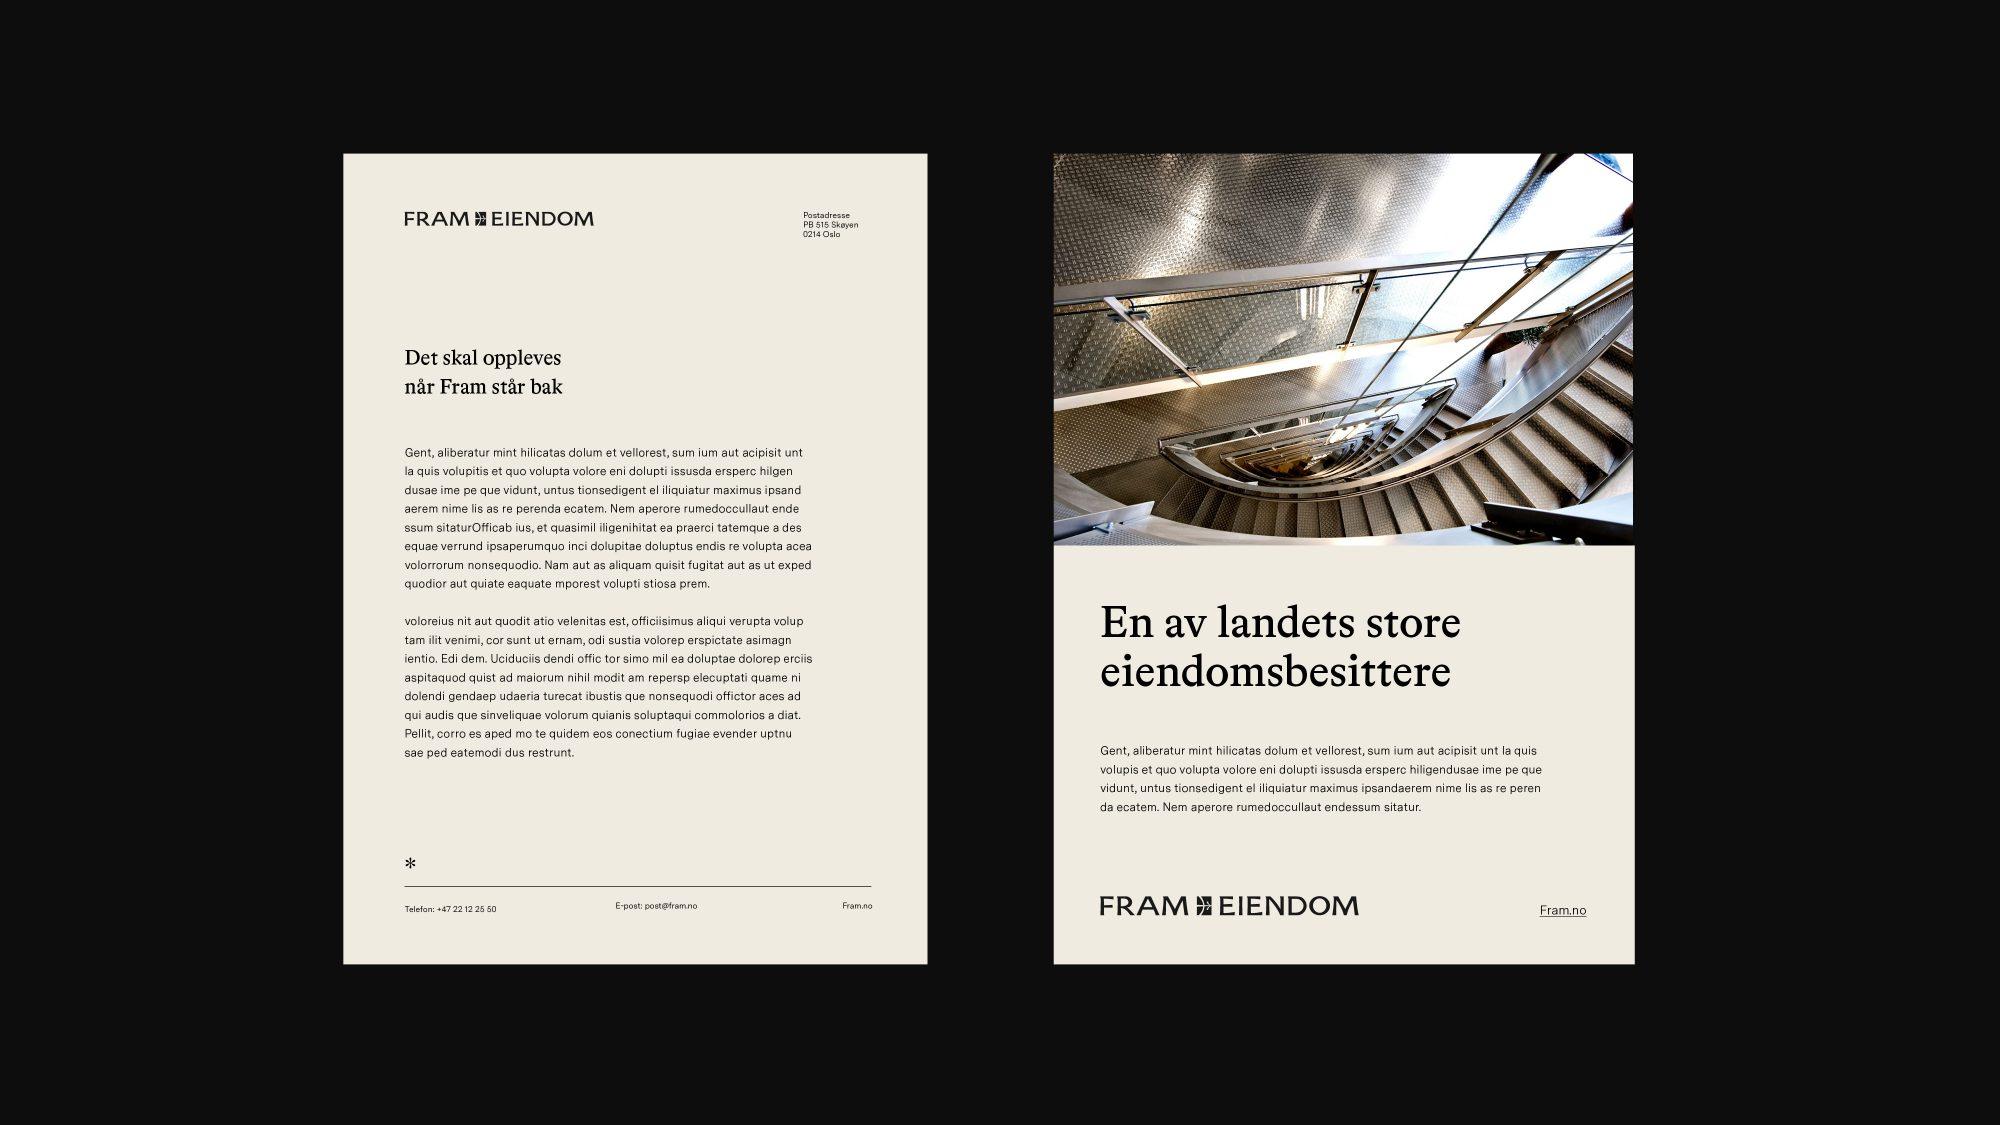 Fram_Eiendom_presentasjon19